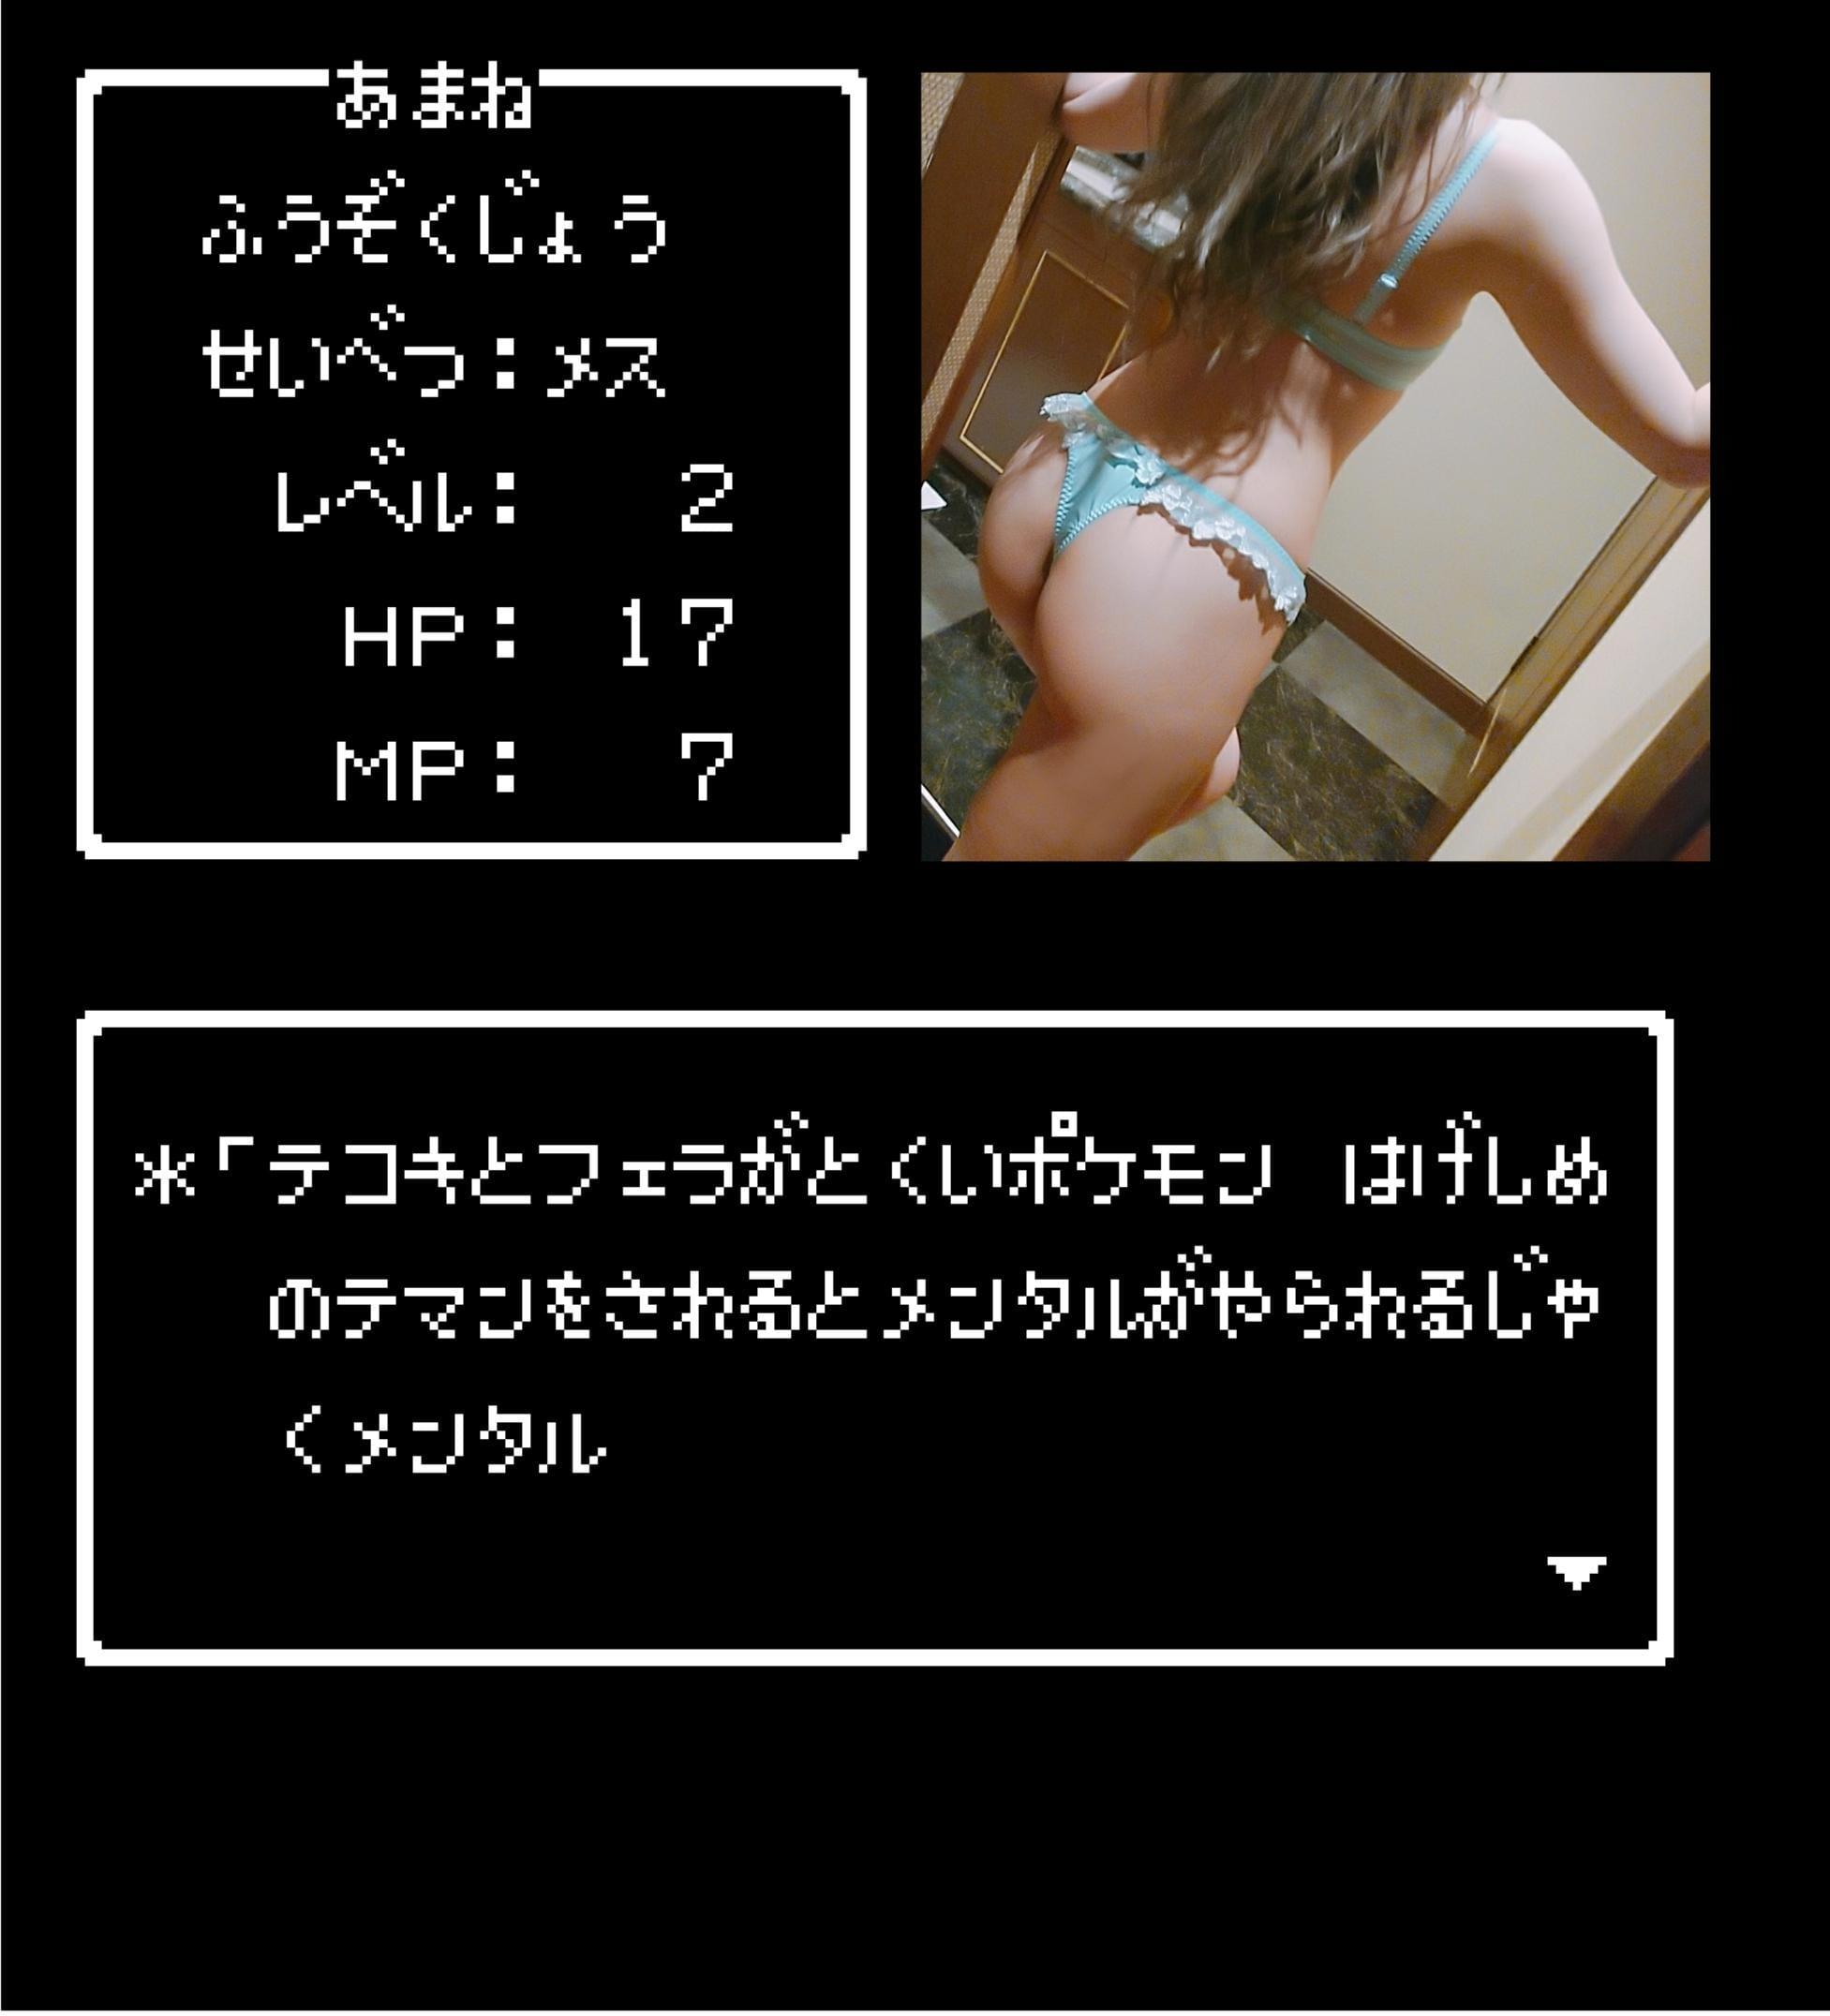 「パンケーキの次は」06/03(月) 20:05   桃尻 あまねの写メ・風俗動画